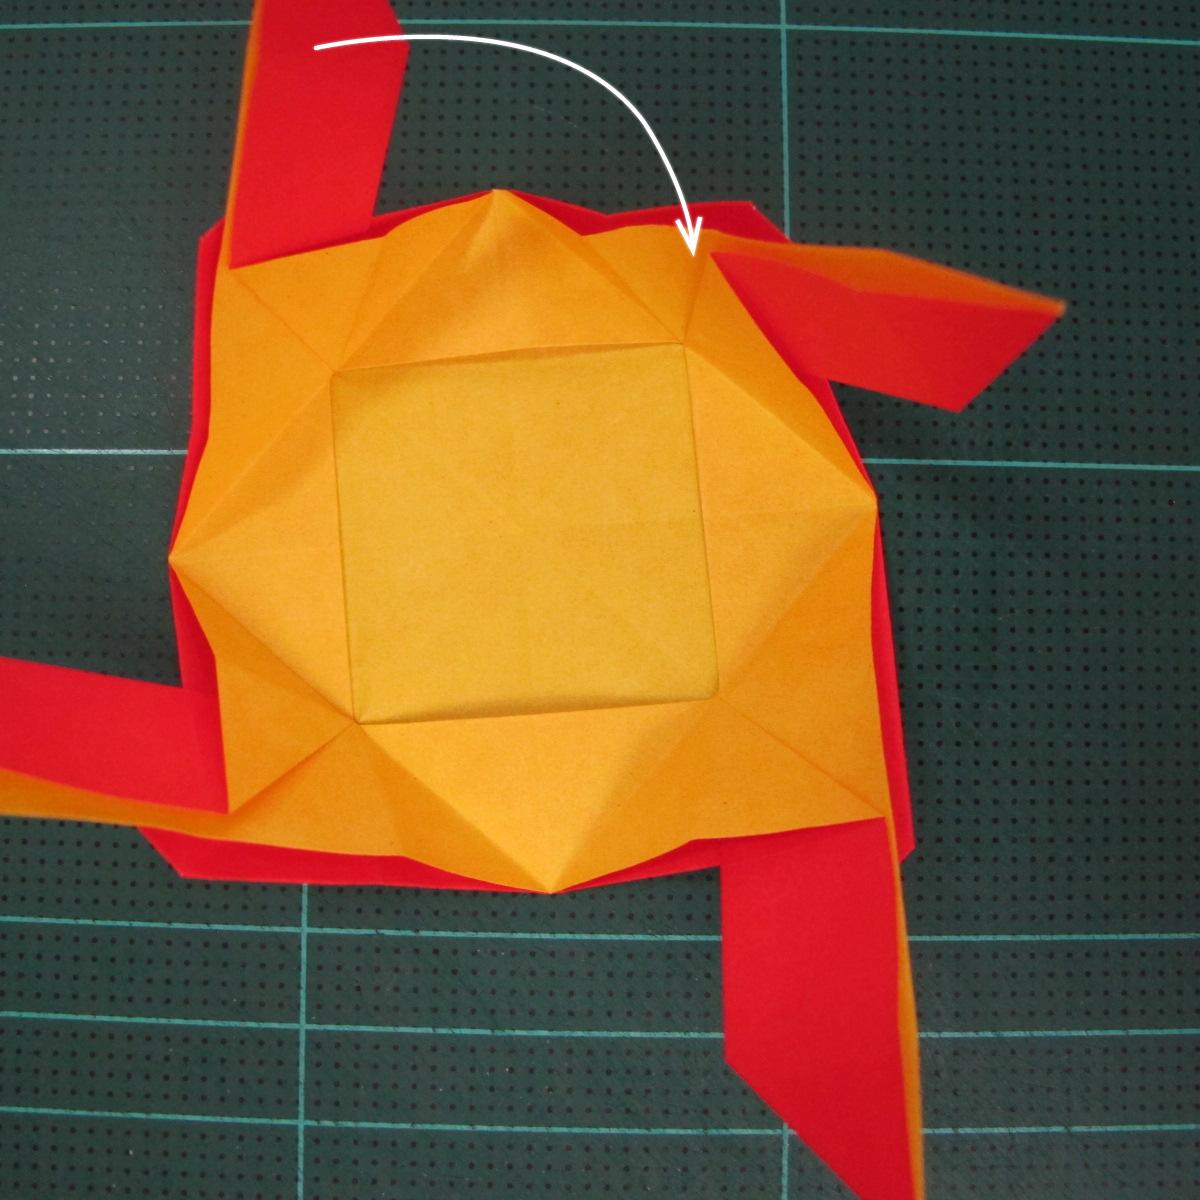 สอนวิธีพับกระดาษเป็นดอกกุหลาบ (แบบฐานกังหัน) (Origami Rose - Evi Binzinger) 015